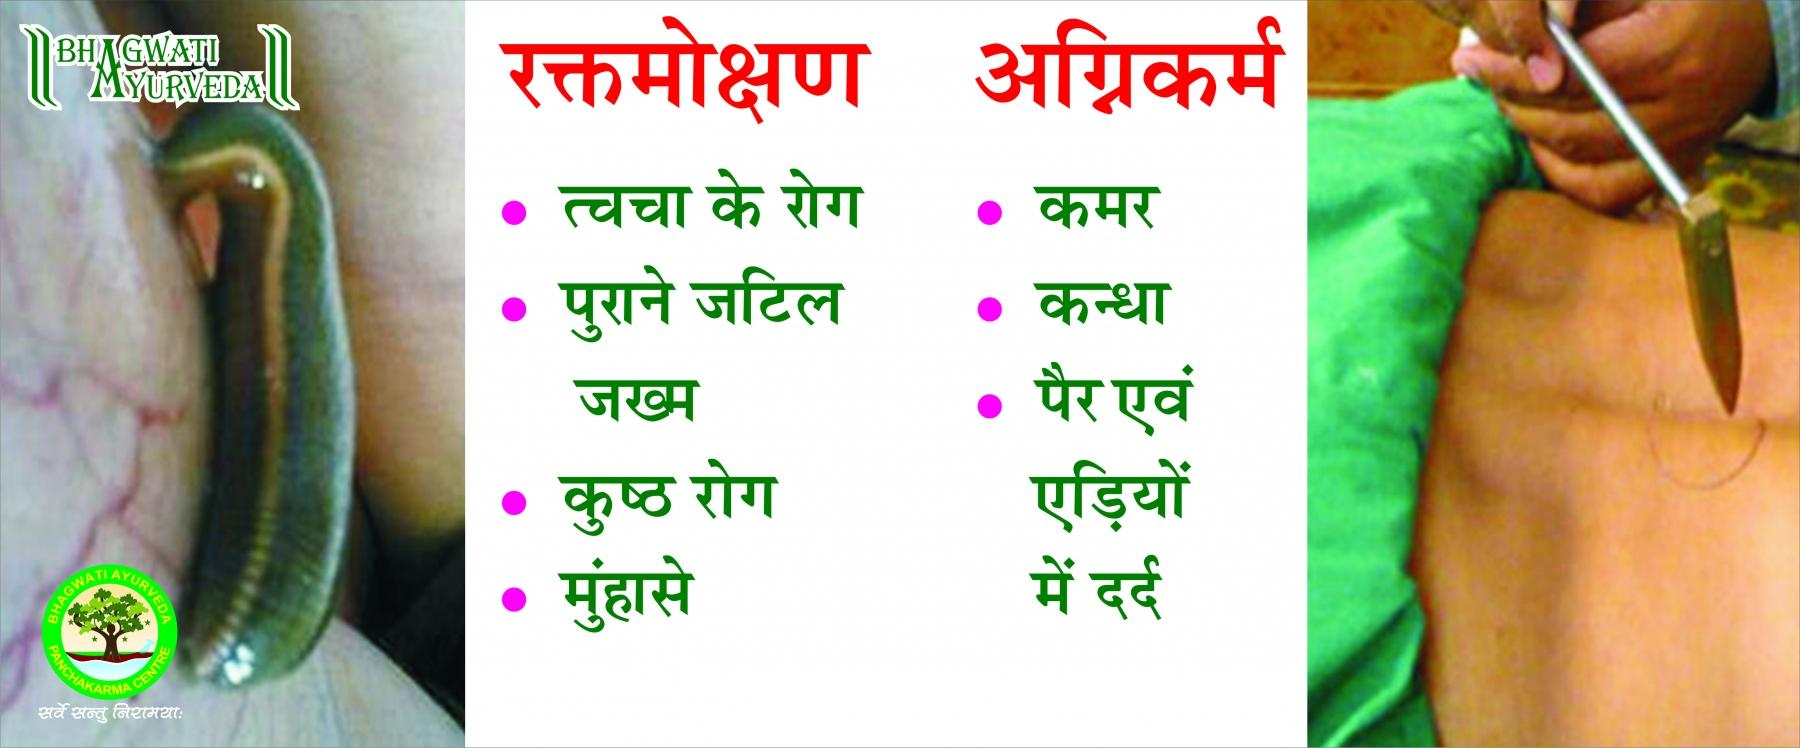 Jalukaavcharana